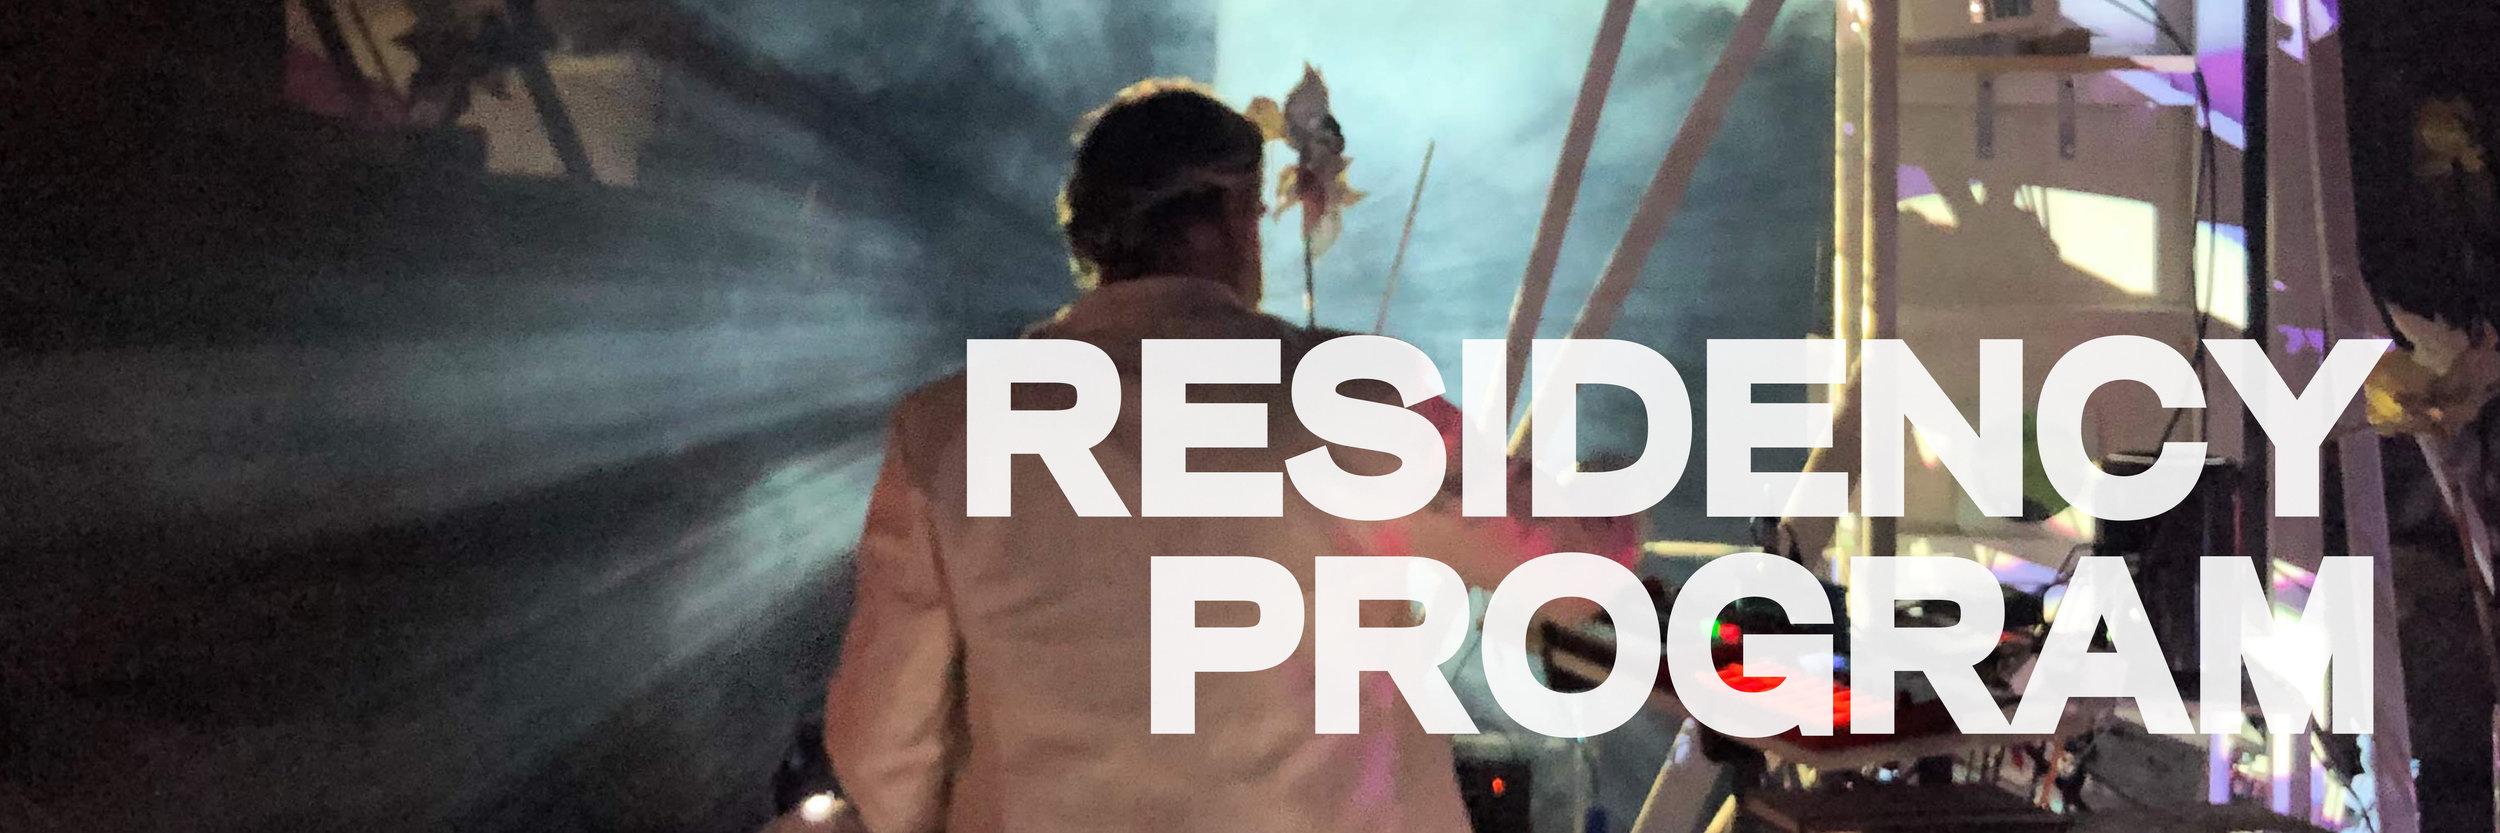 RESIDENCY PROGRAM slider-01.jpg